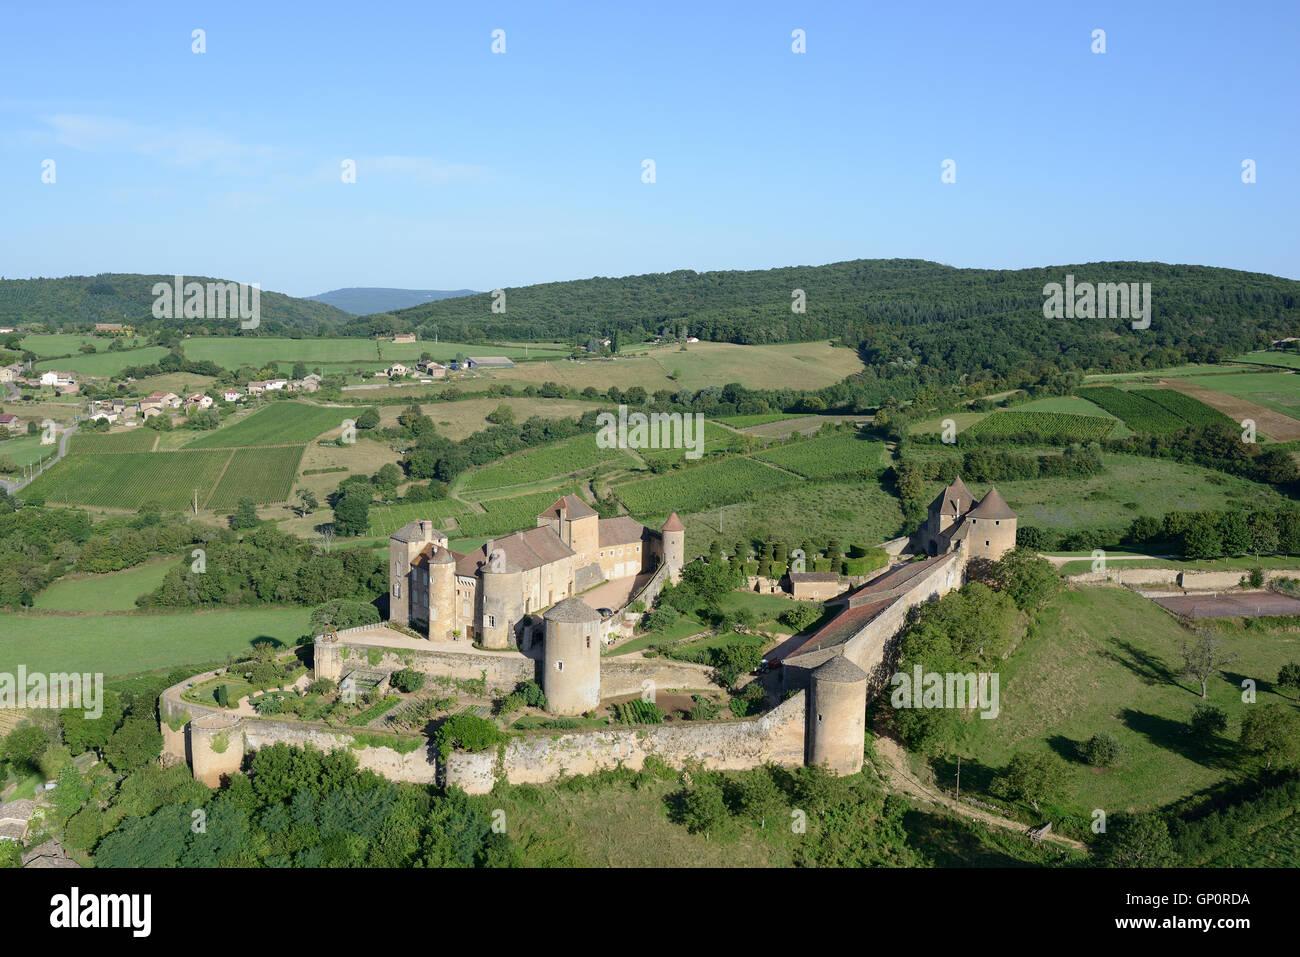 BERZÉ CASTLE (aerial view). Berzé-le-Castel, Saone-et-Loire, Burgundy, France. - Stock Image